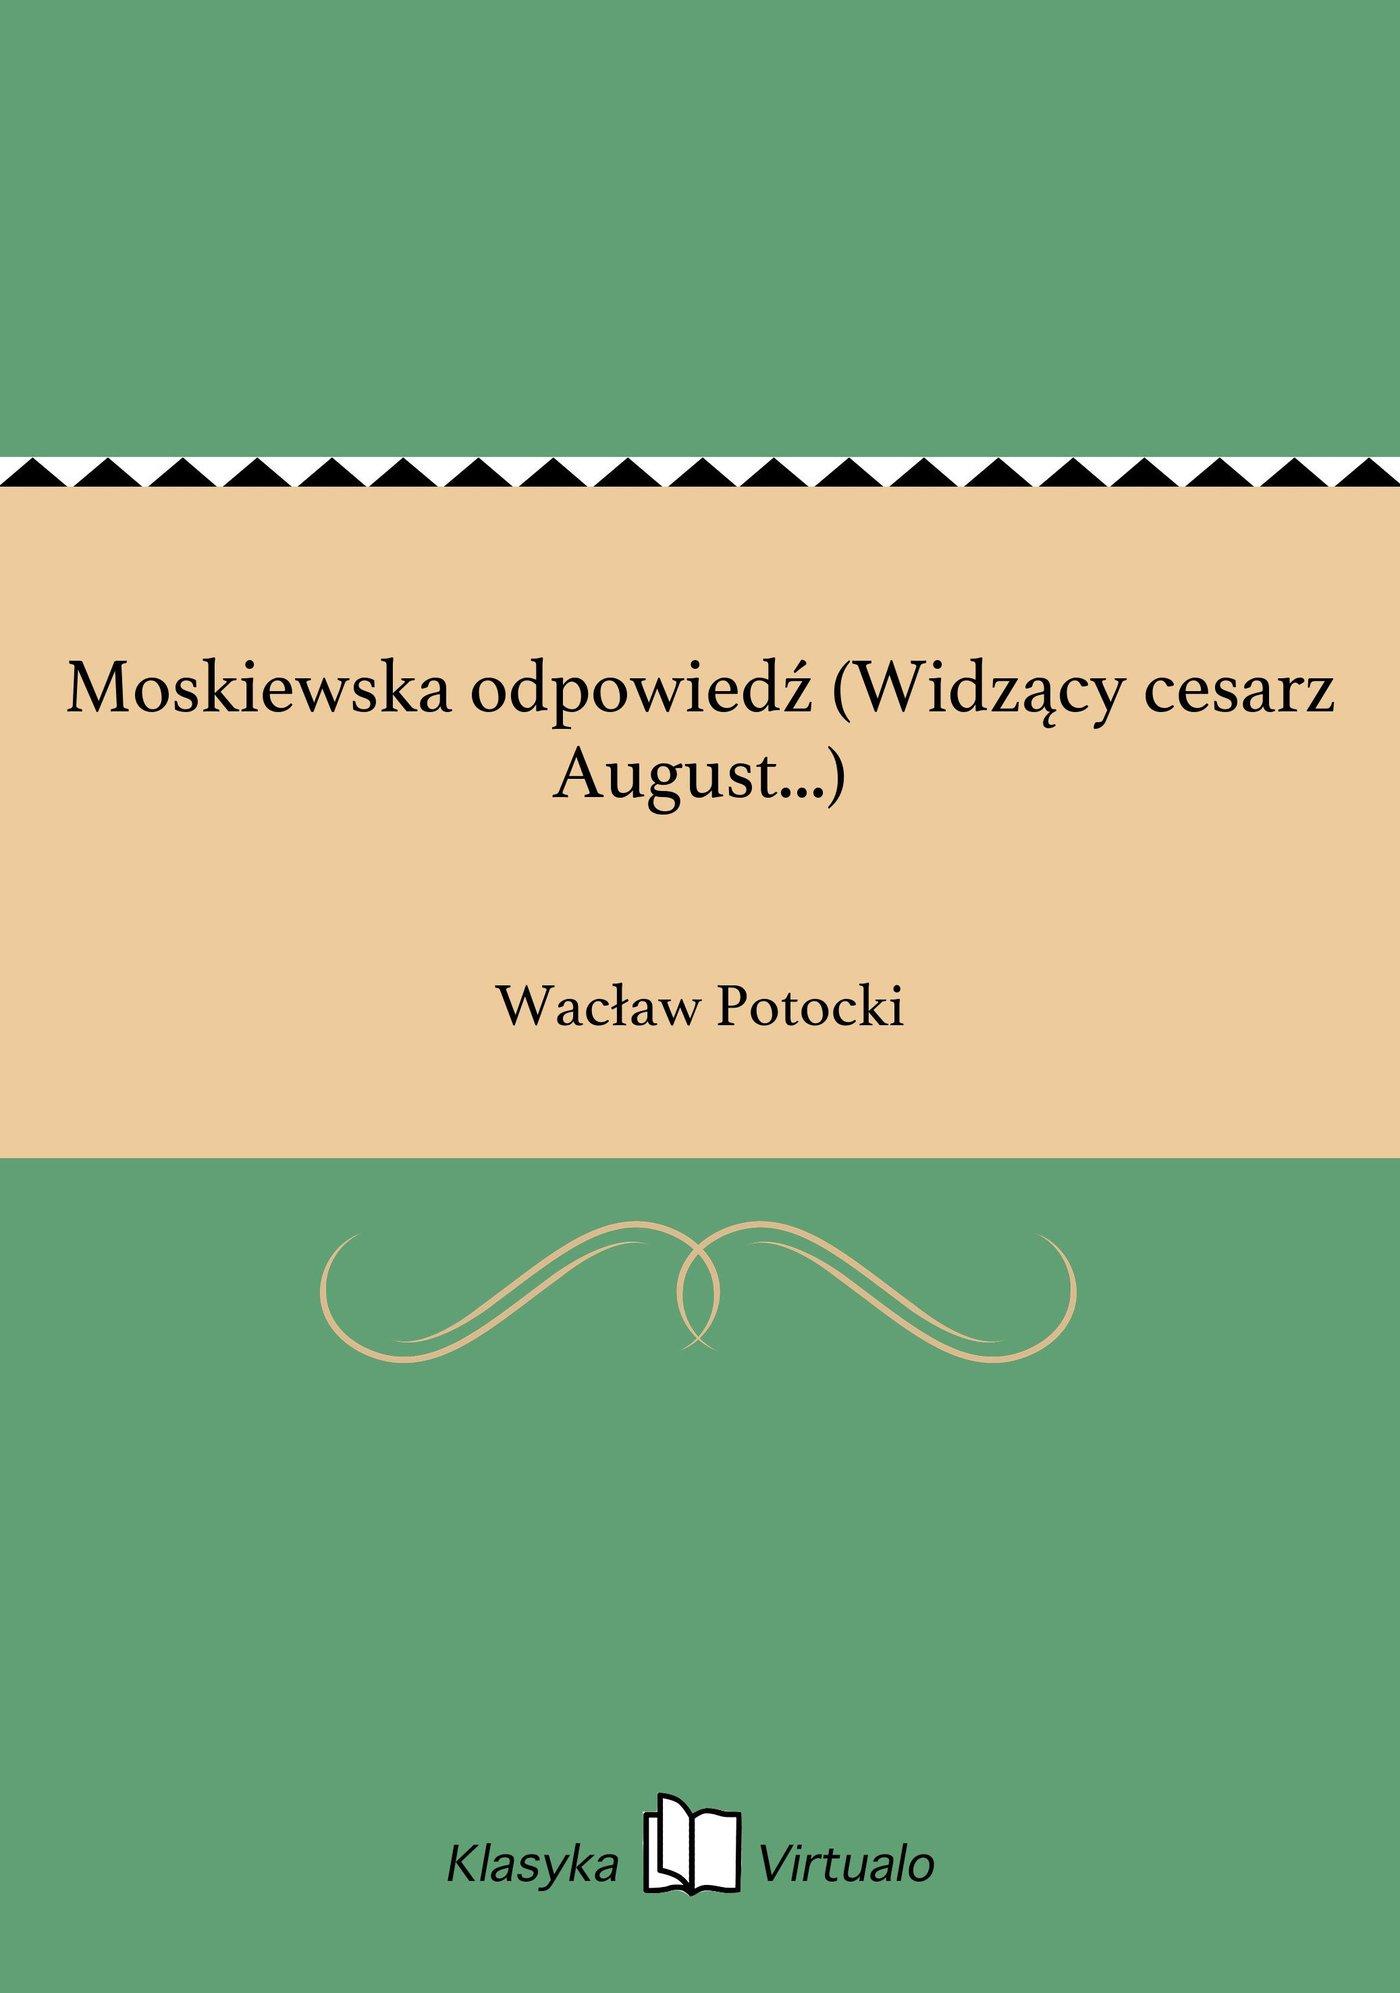 Moskiewska odpowiedź (Widzący cesarz August...) - Ebook (Książka EPUB) do pobrania w formacie EPUB